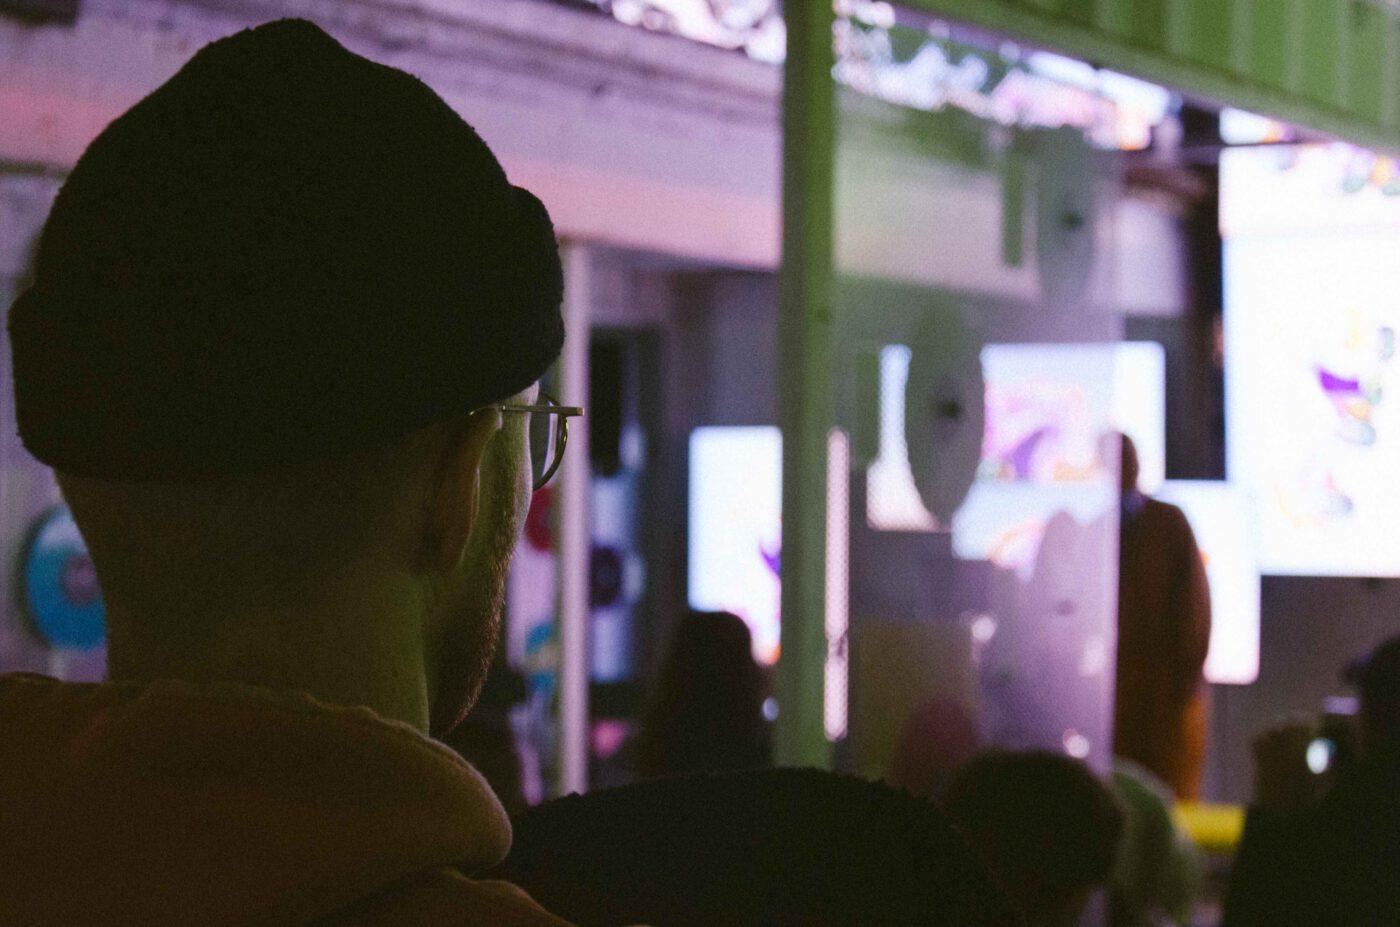 artist talk von Pia Graf beim Reeperbahn festival 2021 in hamburg. als teil der Ausstellung in between von Bareis und Nicolaus